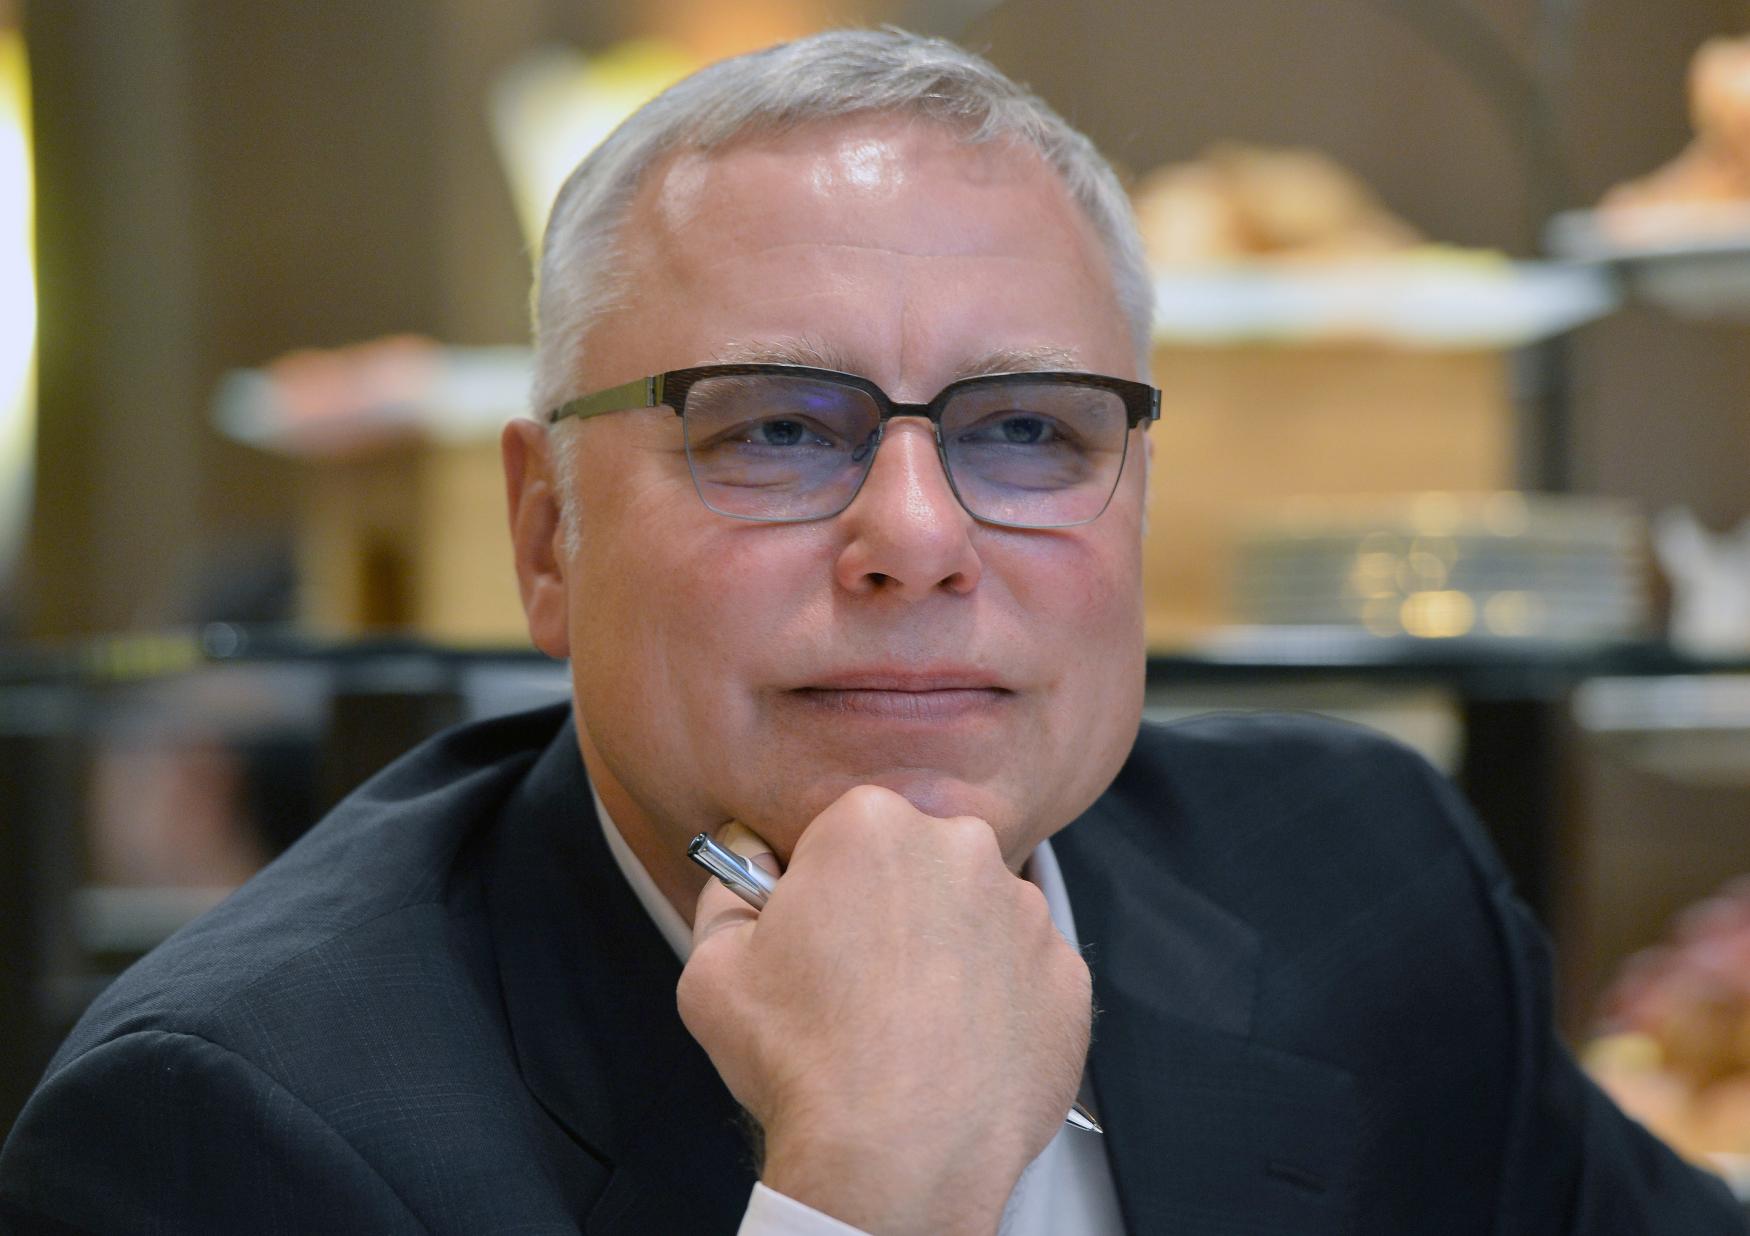 Podnikatel Zdeněk Bakala